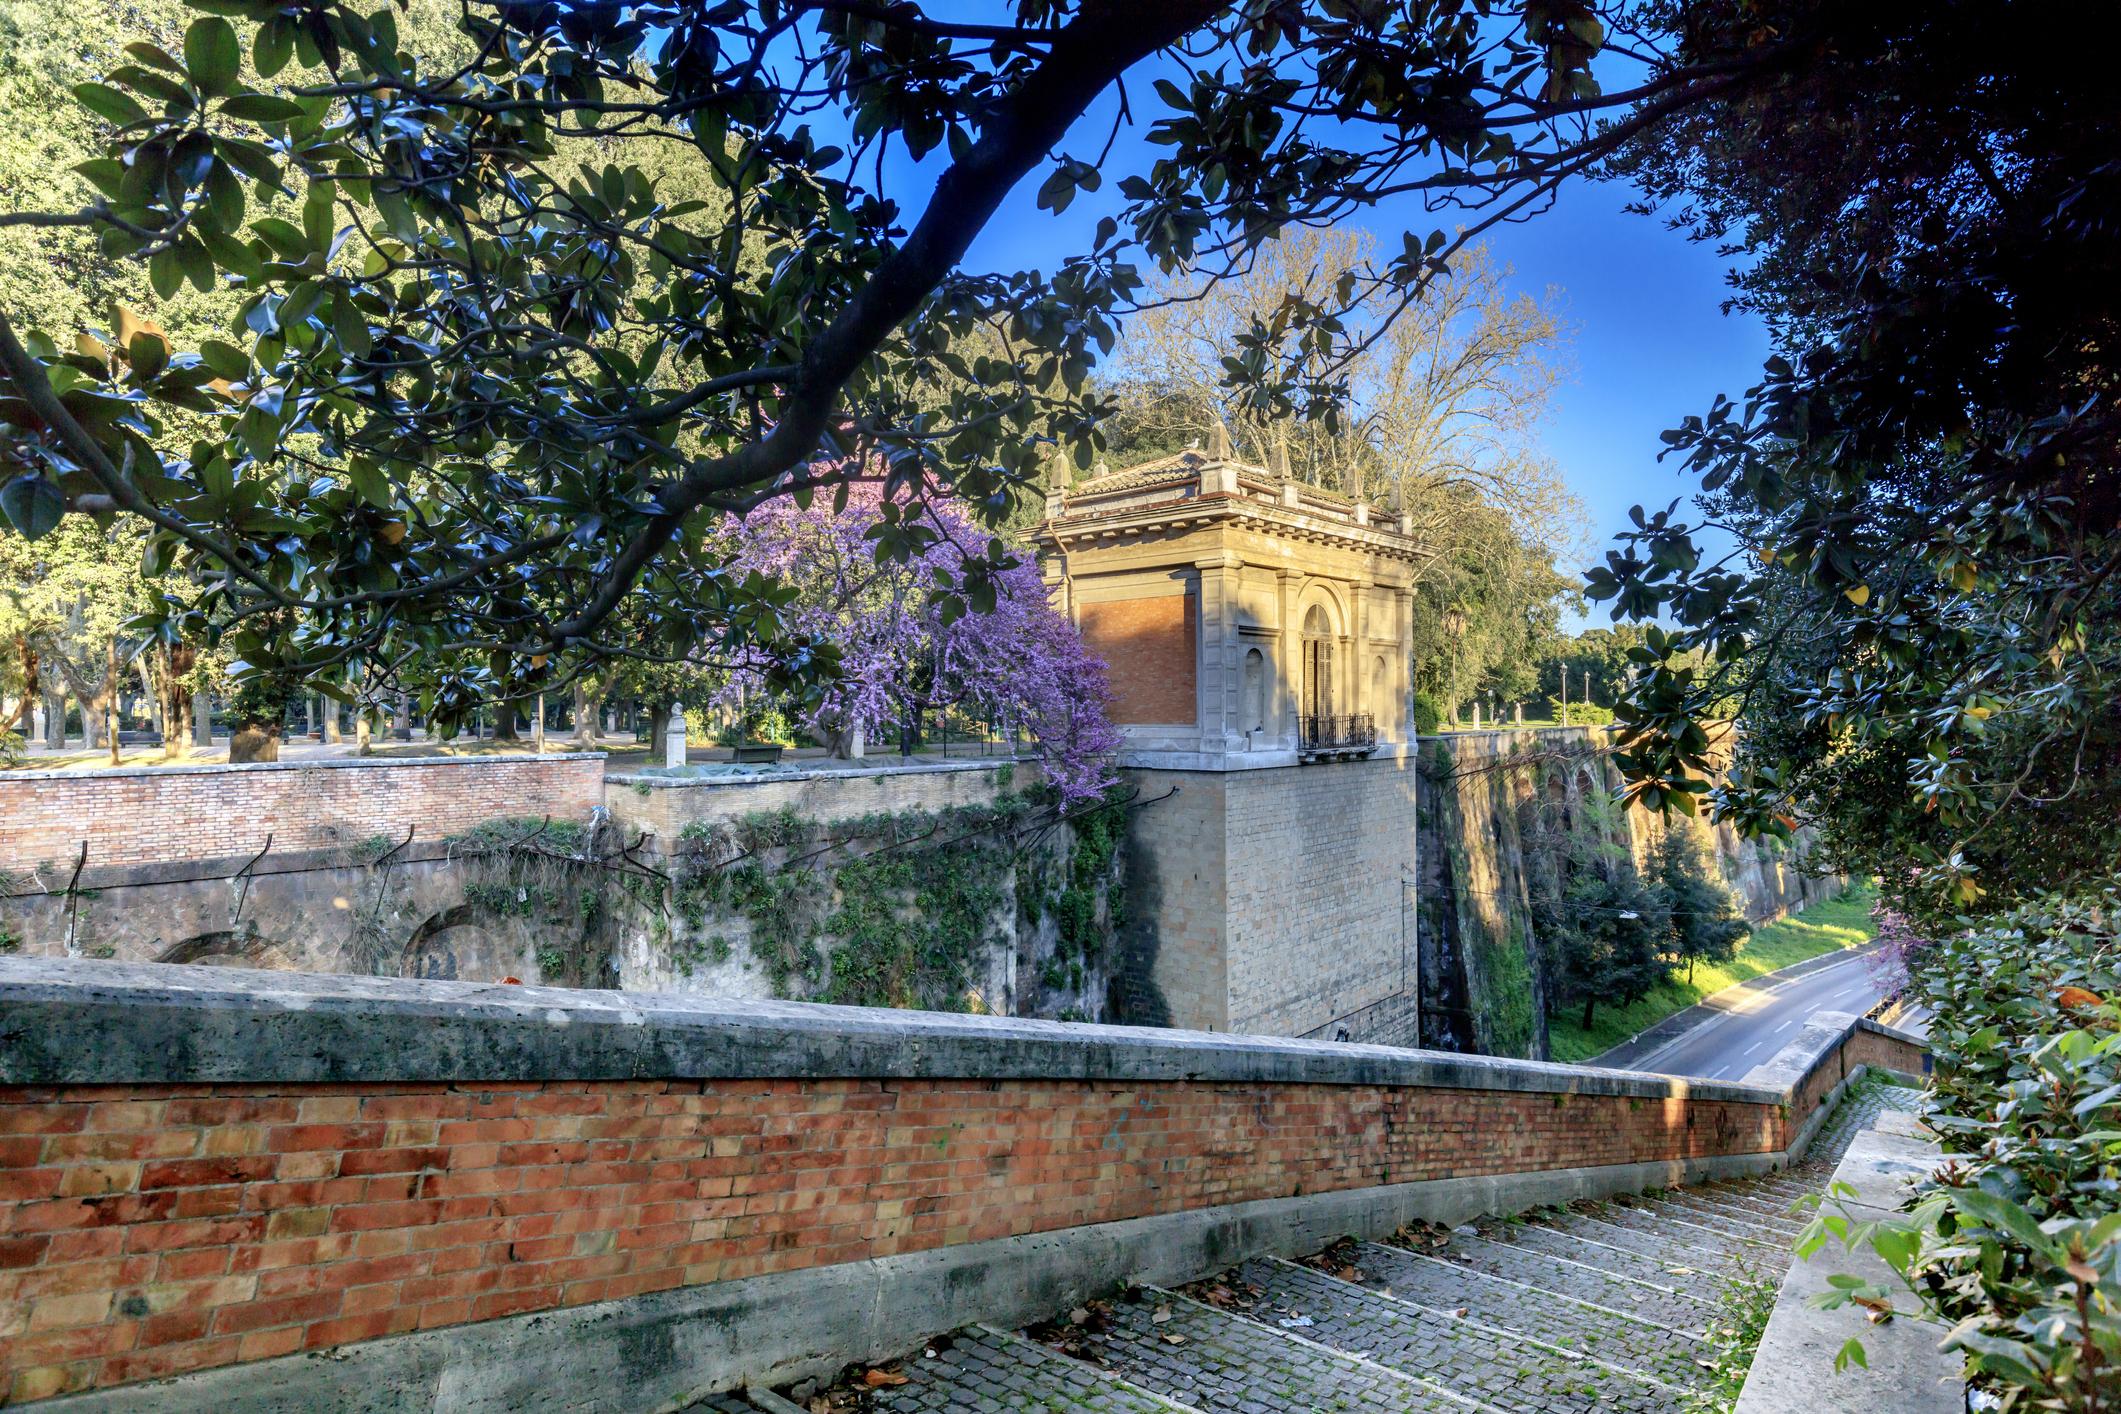 Villa Borghese Rómában